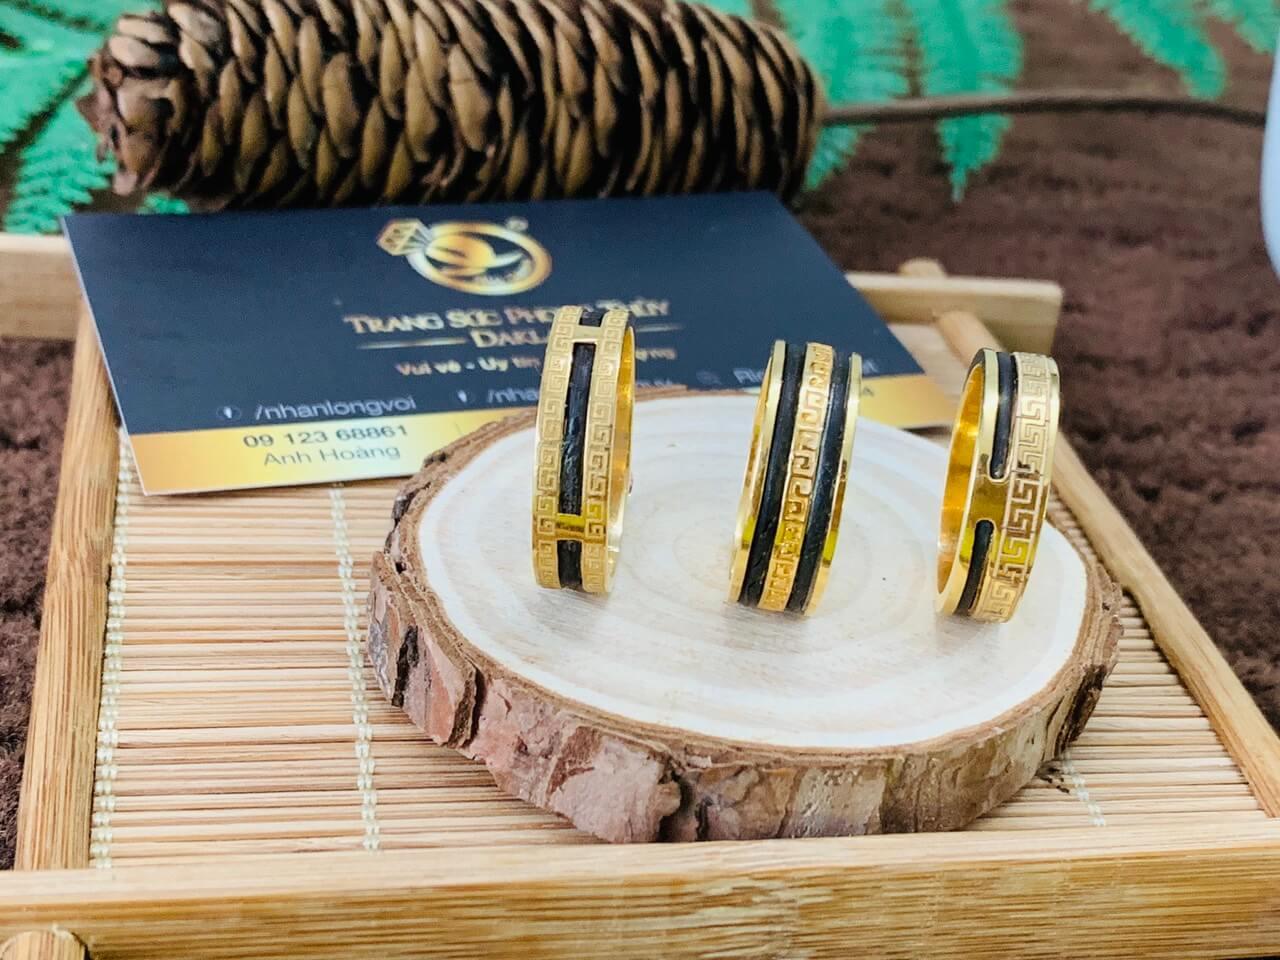 Nhẫn hoa văn 1-2 sợi lông voi bảo hành trọn đời